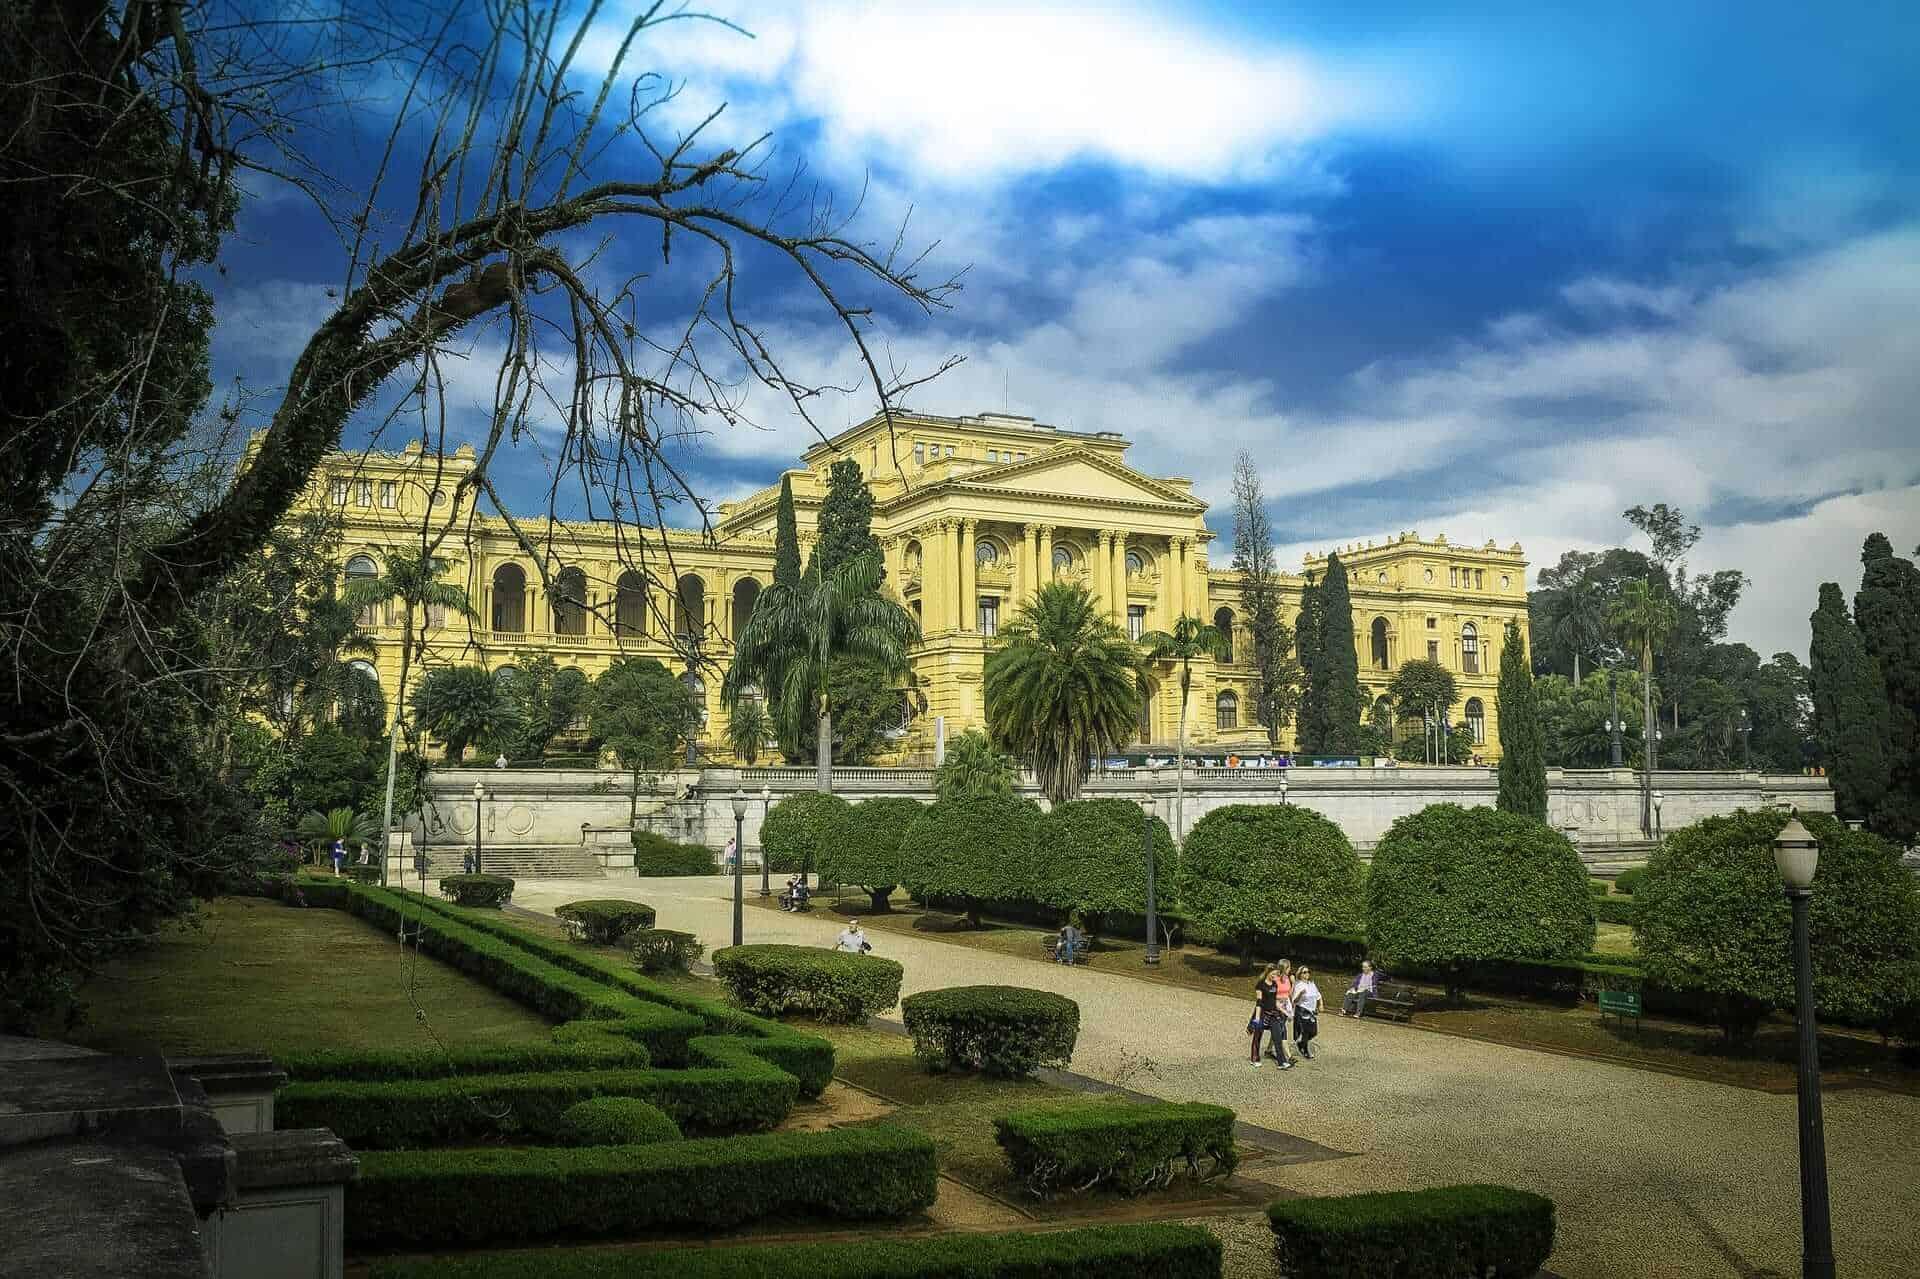 National Museum of Brazil, Rio de Janeiro